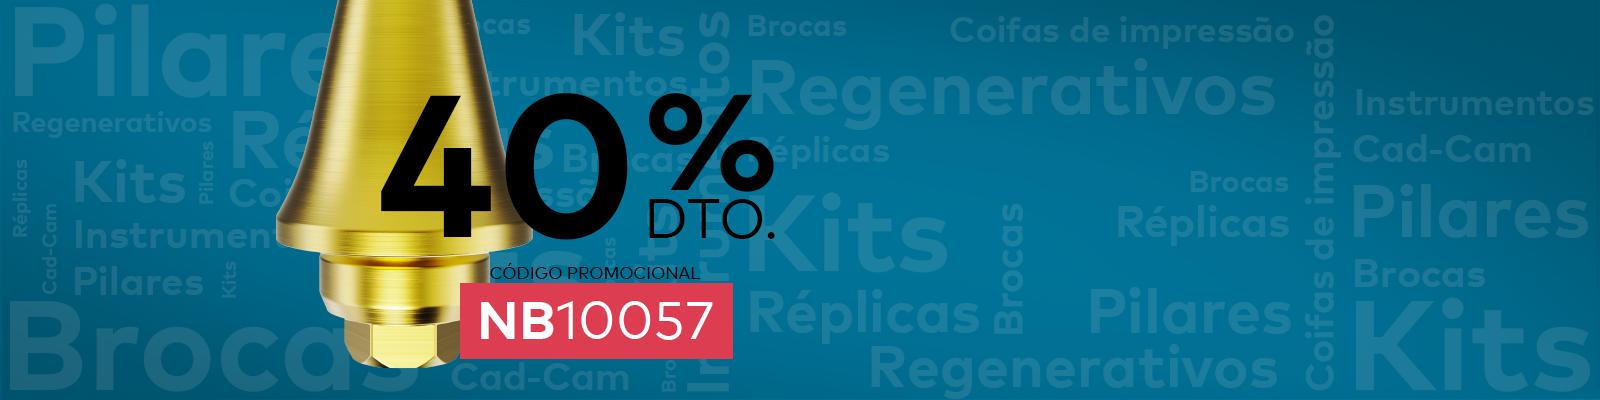 40% de desconto em milhares de produtos